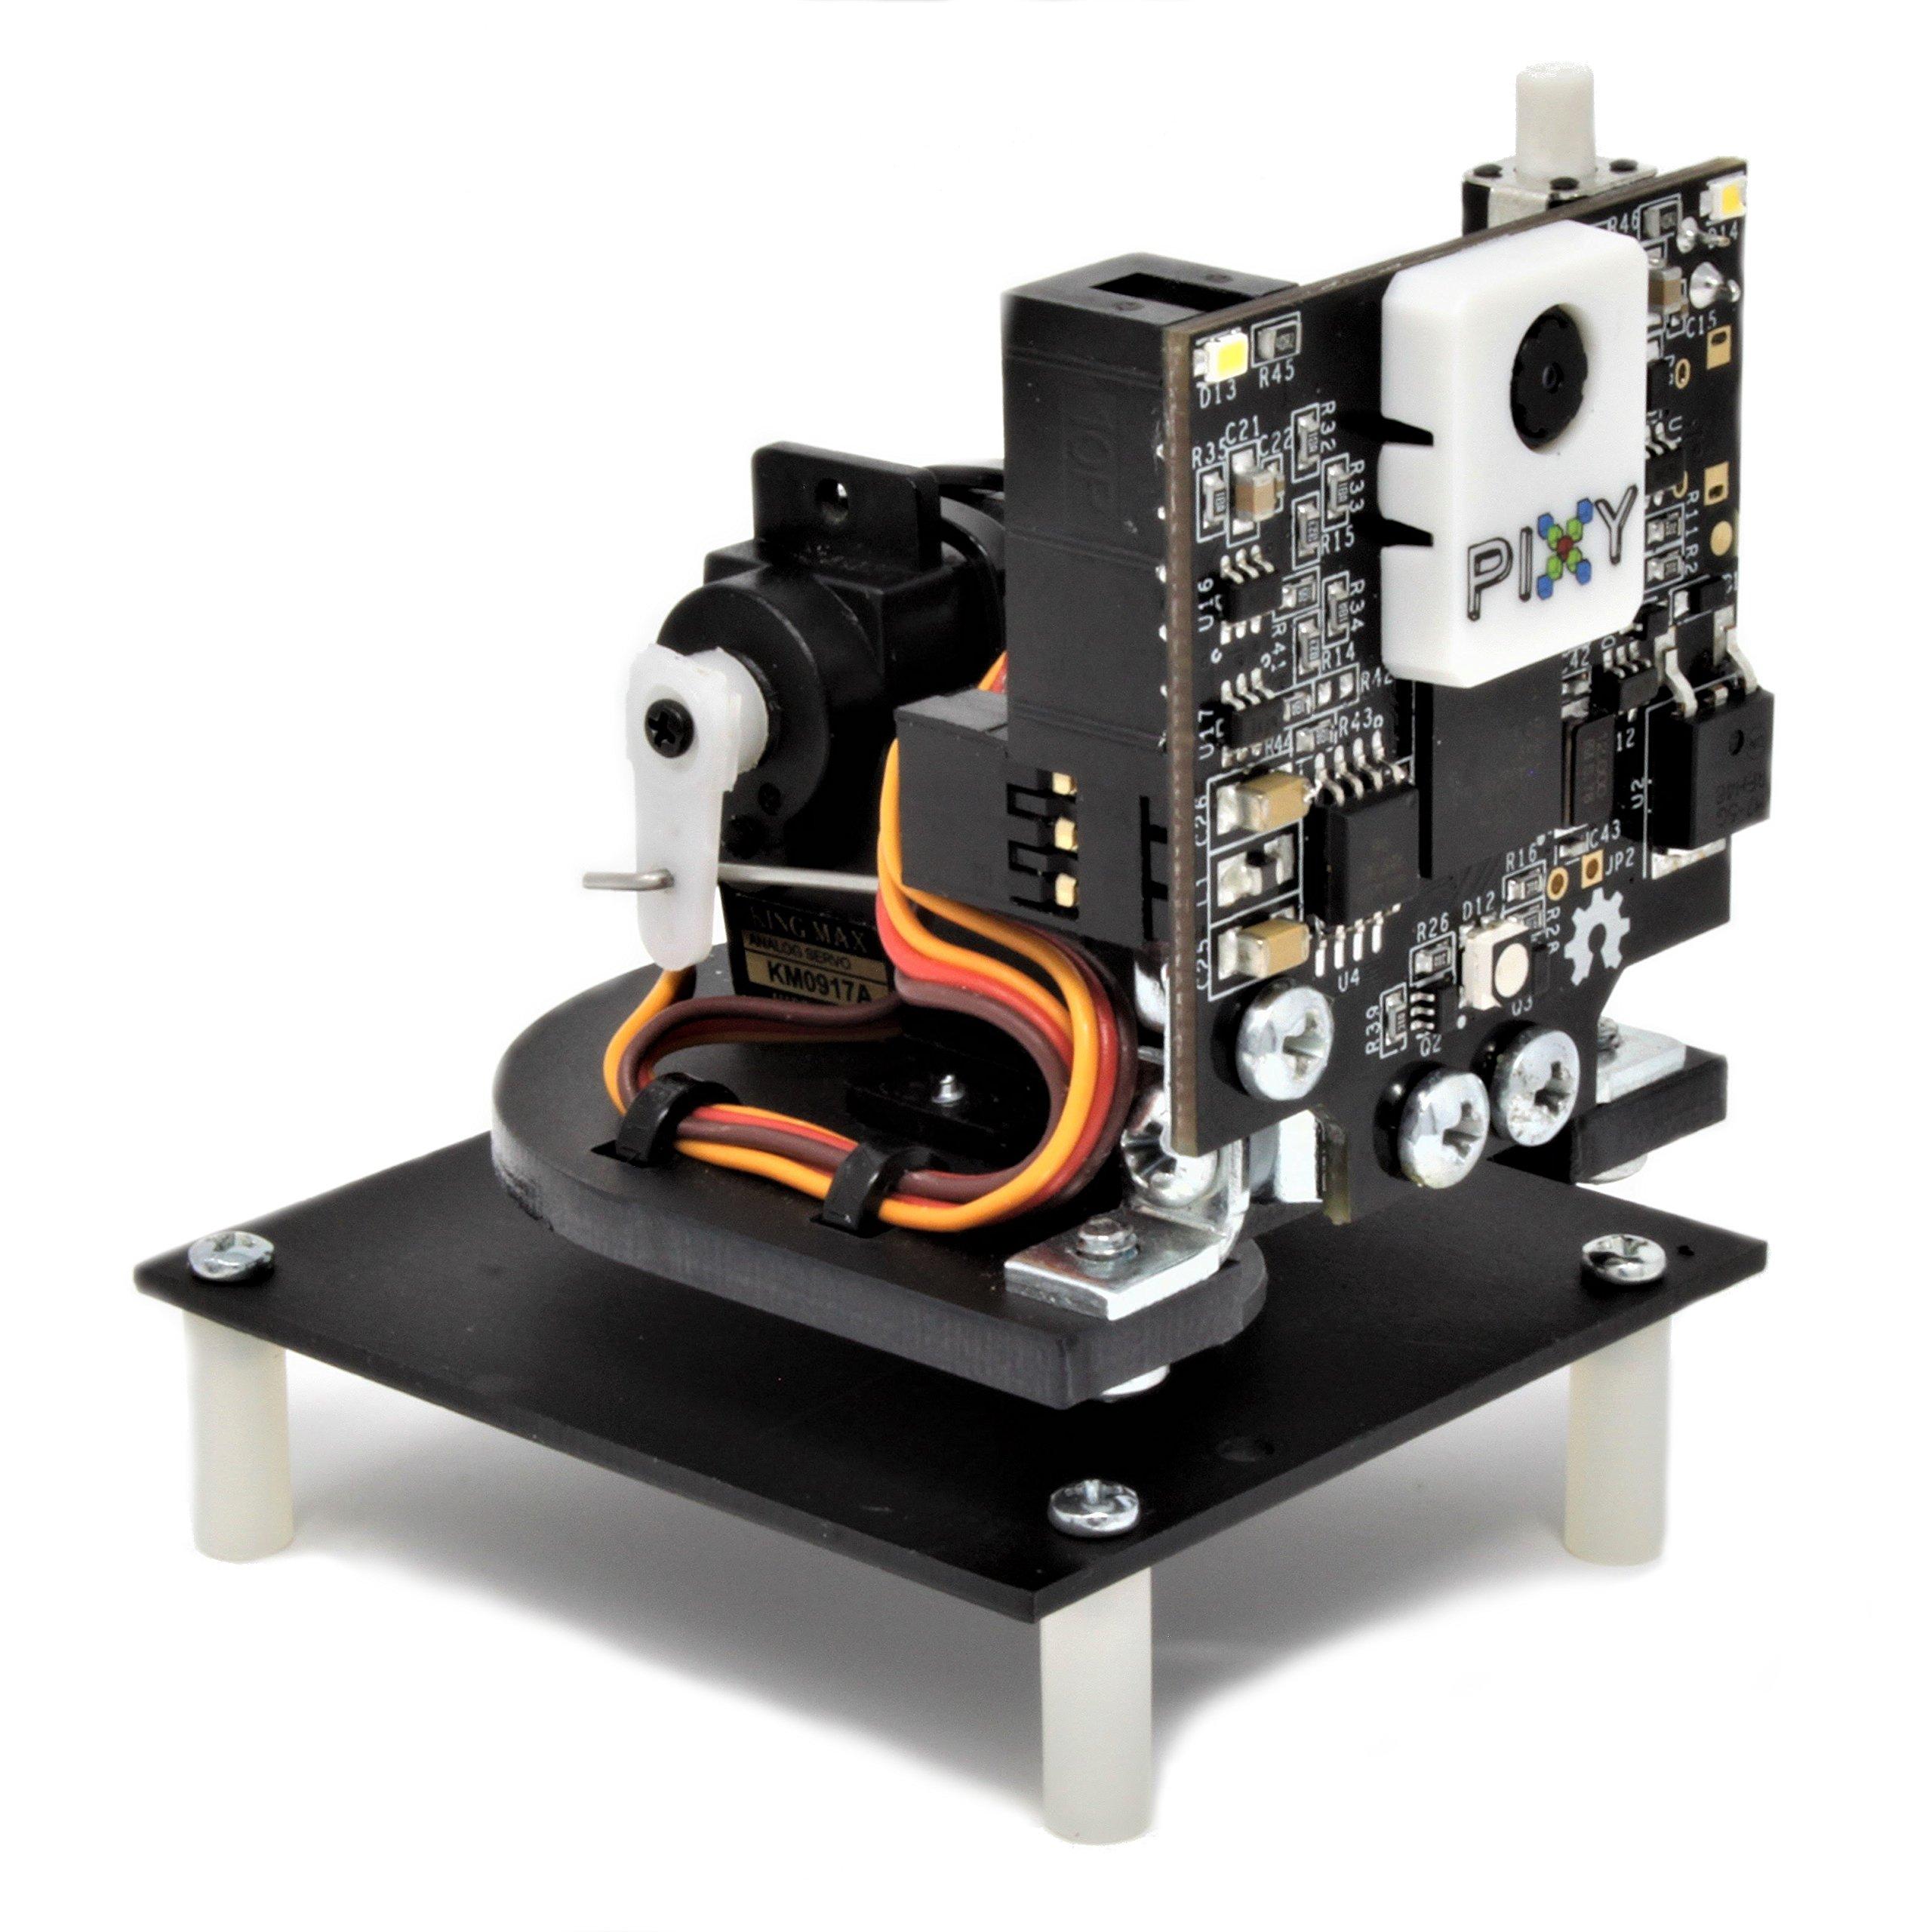 Pan Tilt2 Servo Motor Pixy2